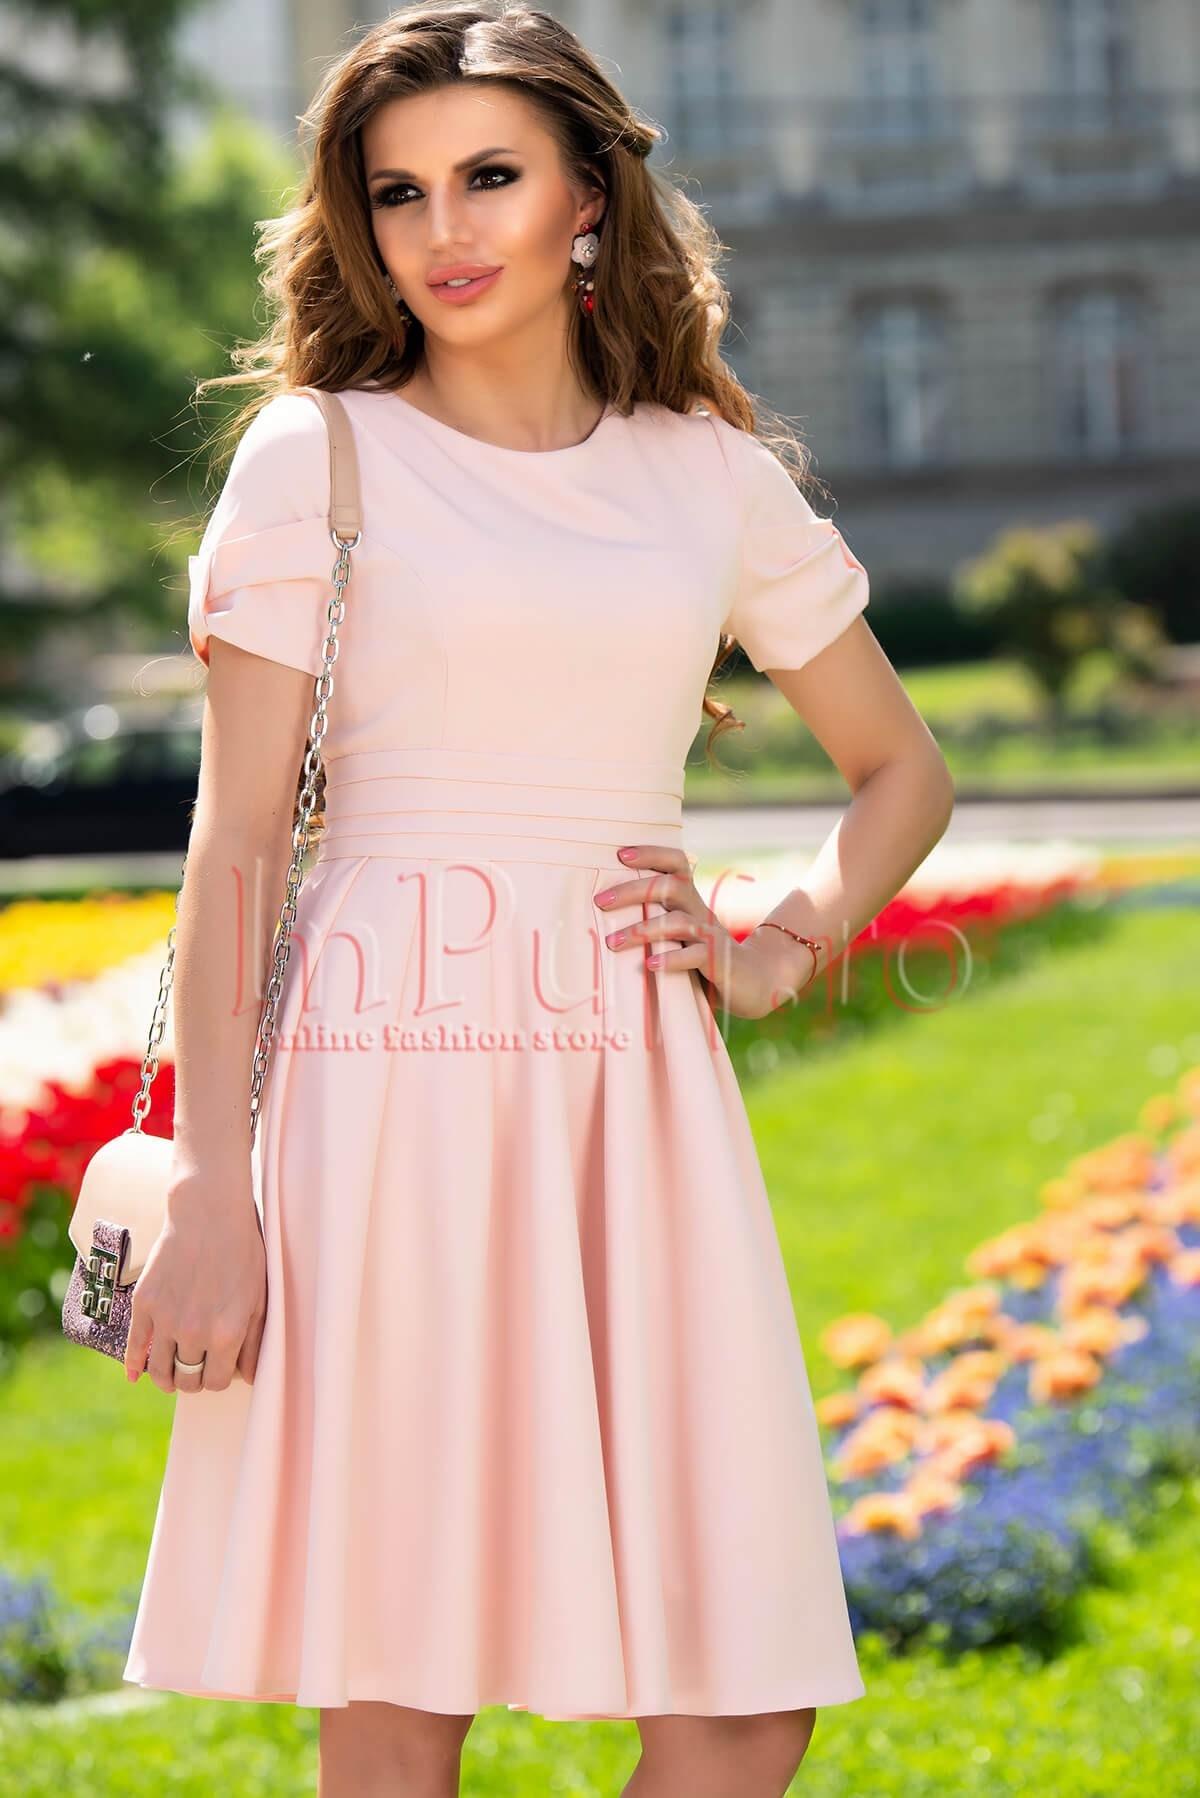 Rochie MBG roz lejera cu maneca creata MBG-Collection